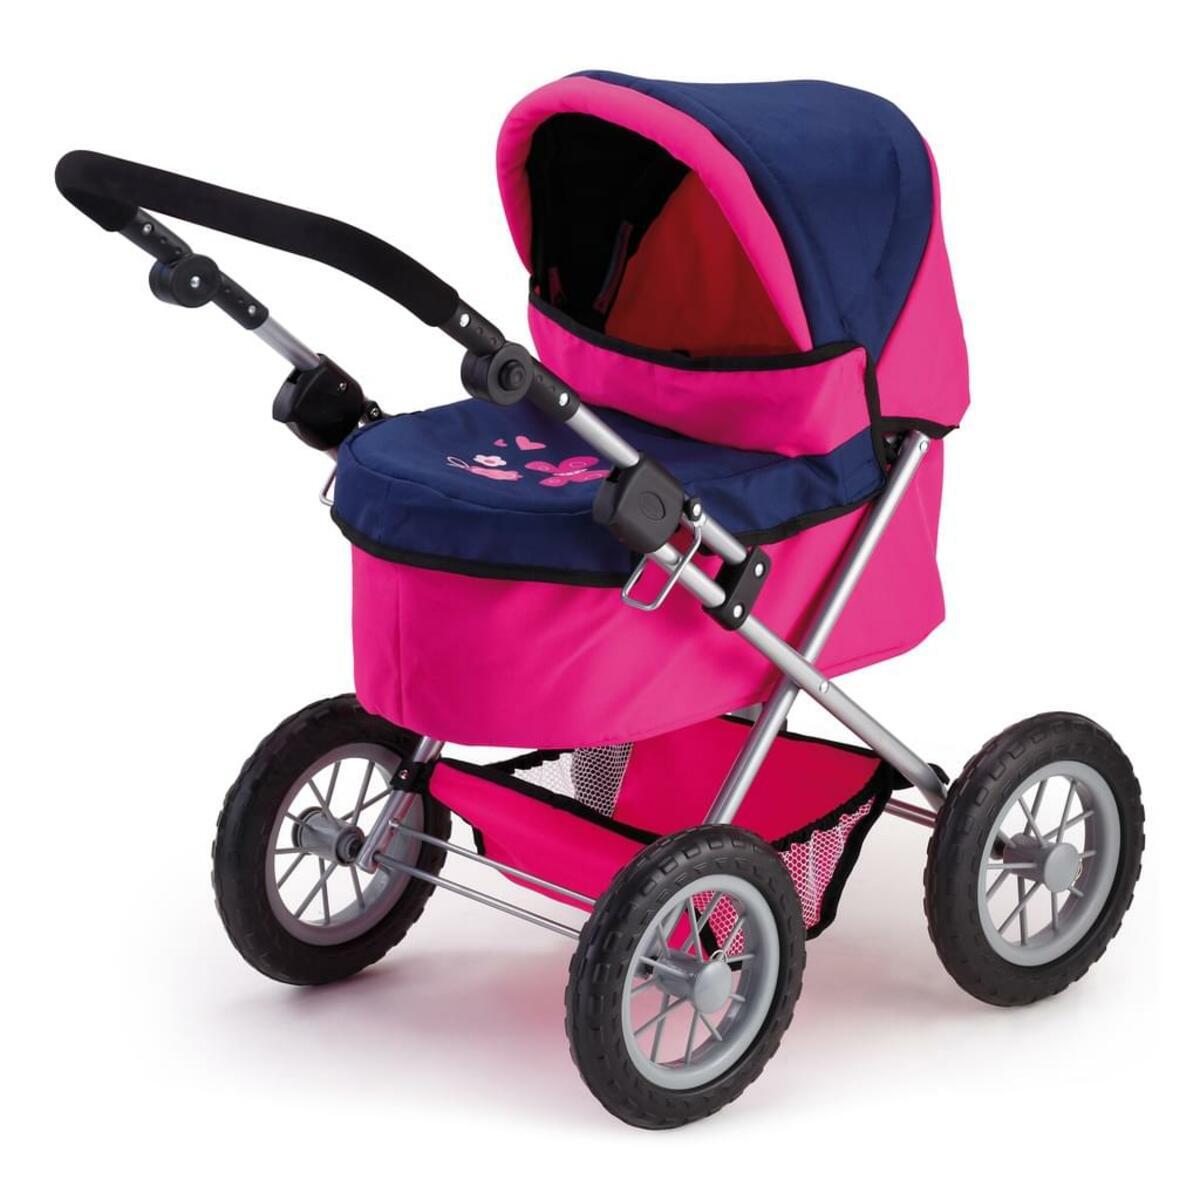 Bild 2 von Puppenwagen Trendy pink/blau